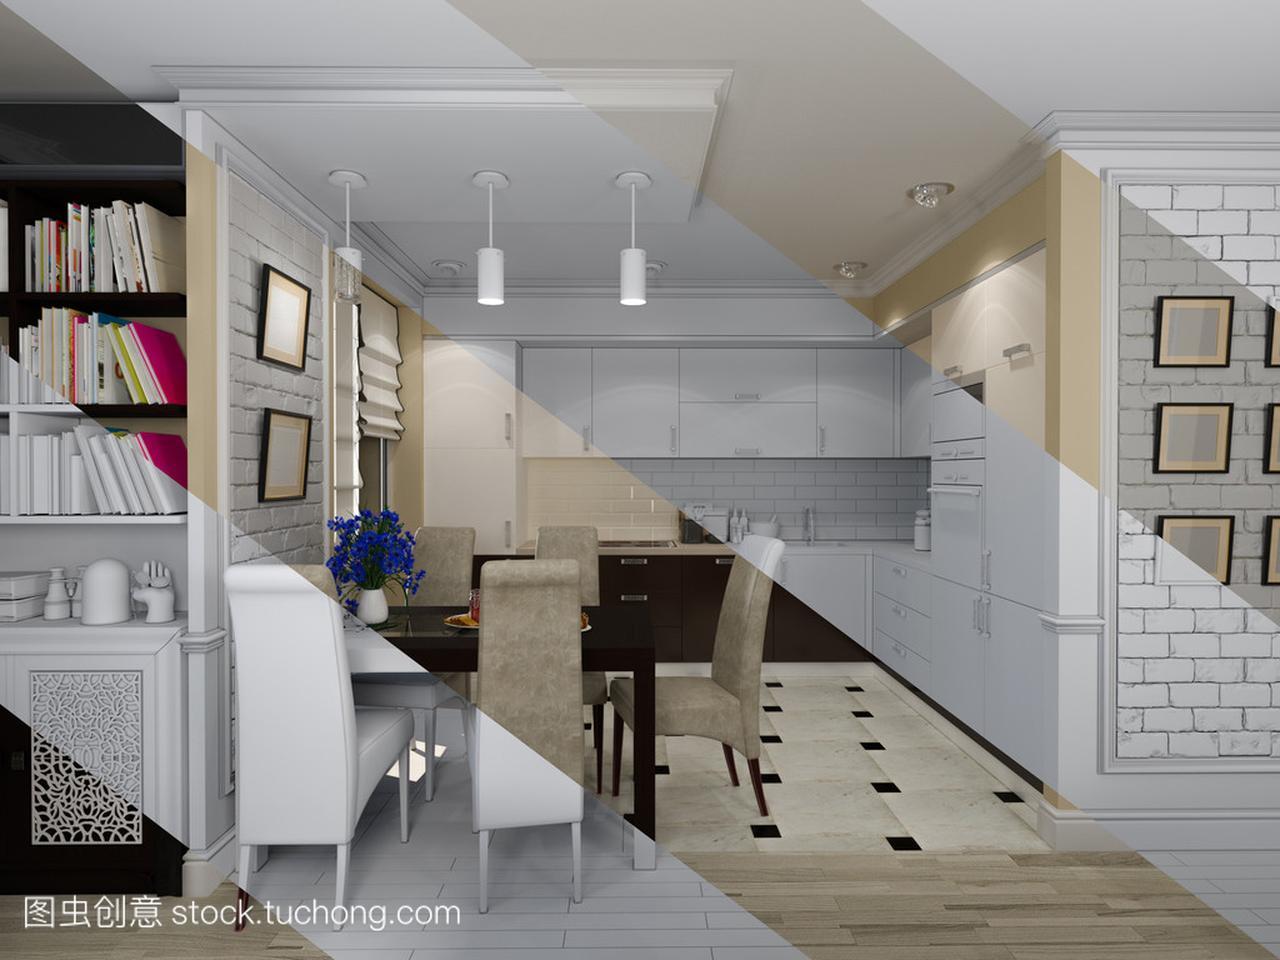 风格与客厅室内设计的厨房,现代经典的3d85平米三层设计图图片